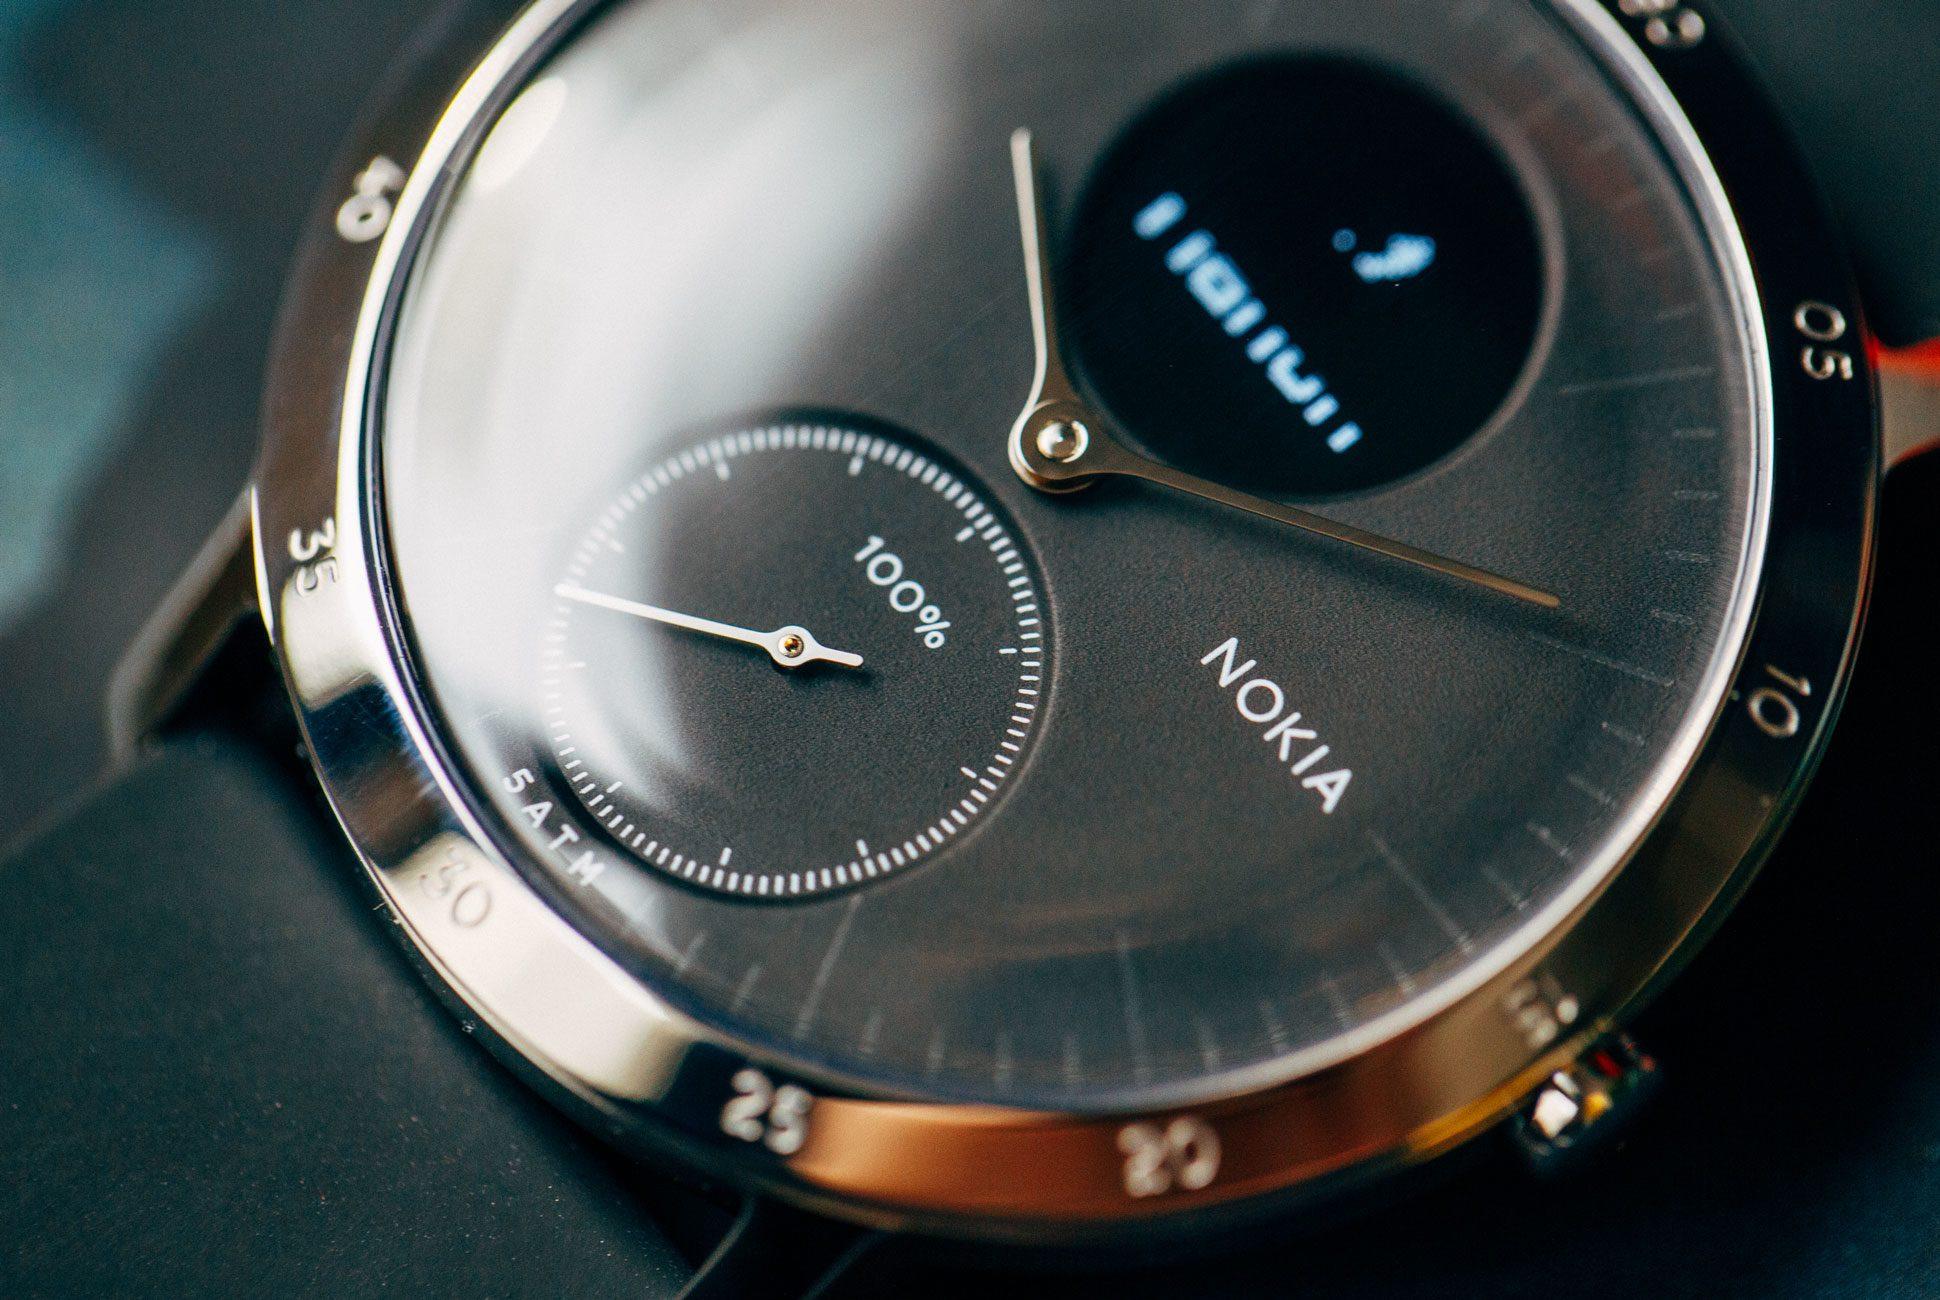 诺基亚手表手环新品曝光:搭载联发科芯片,富士康代工